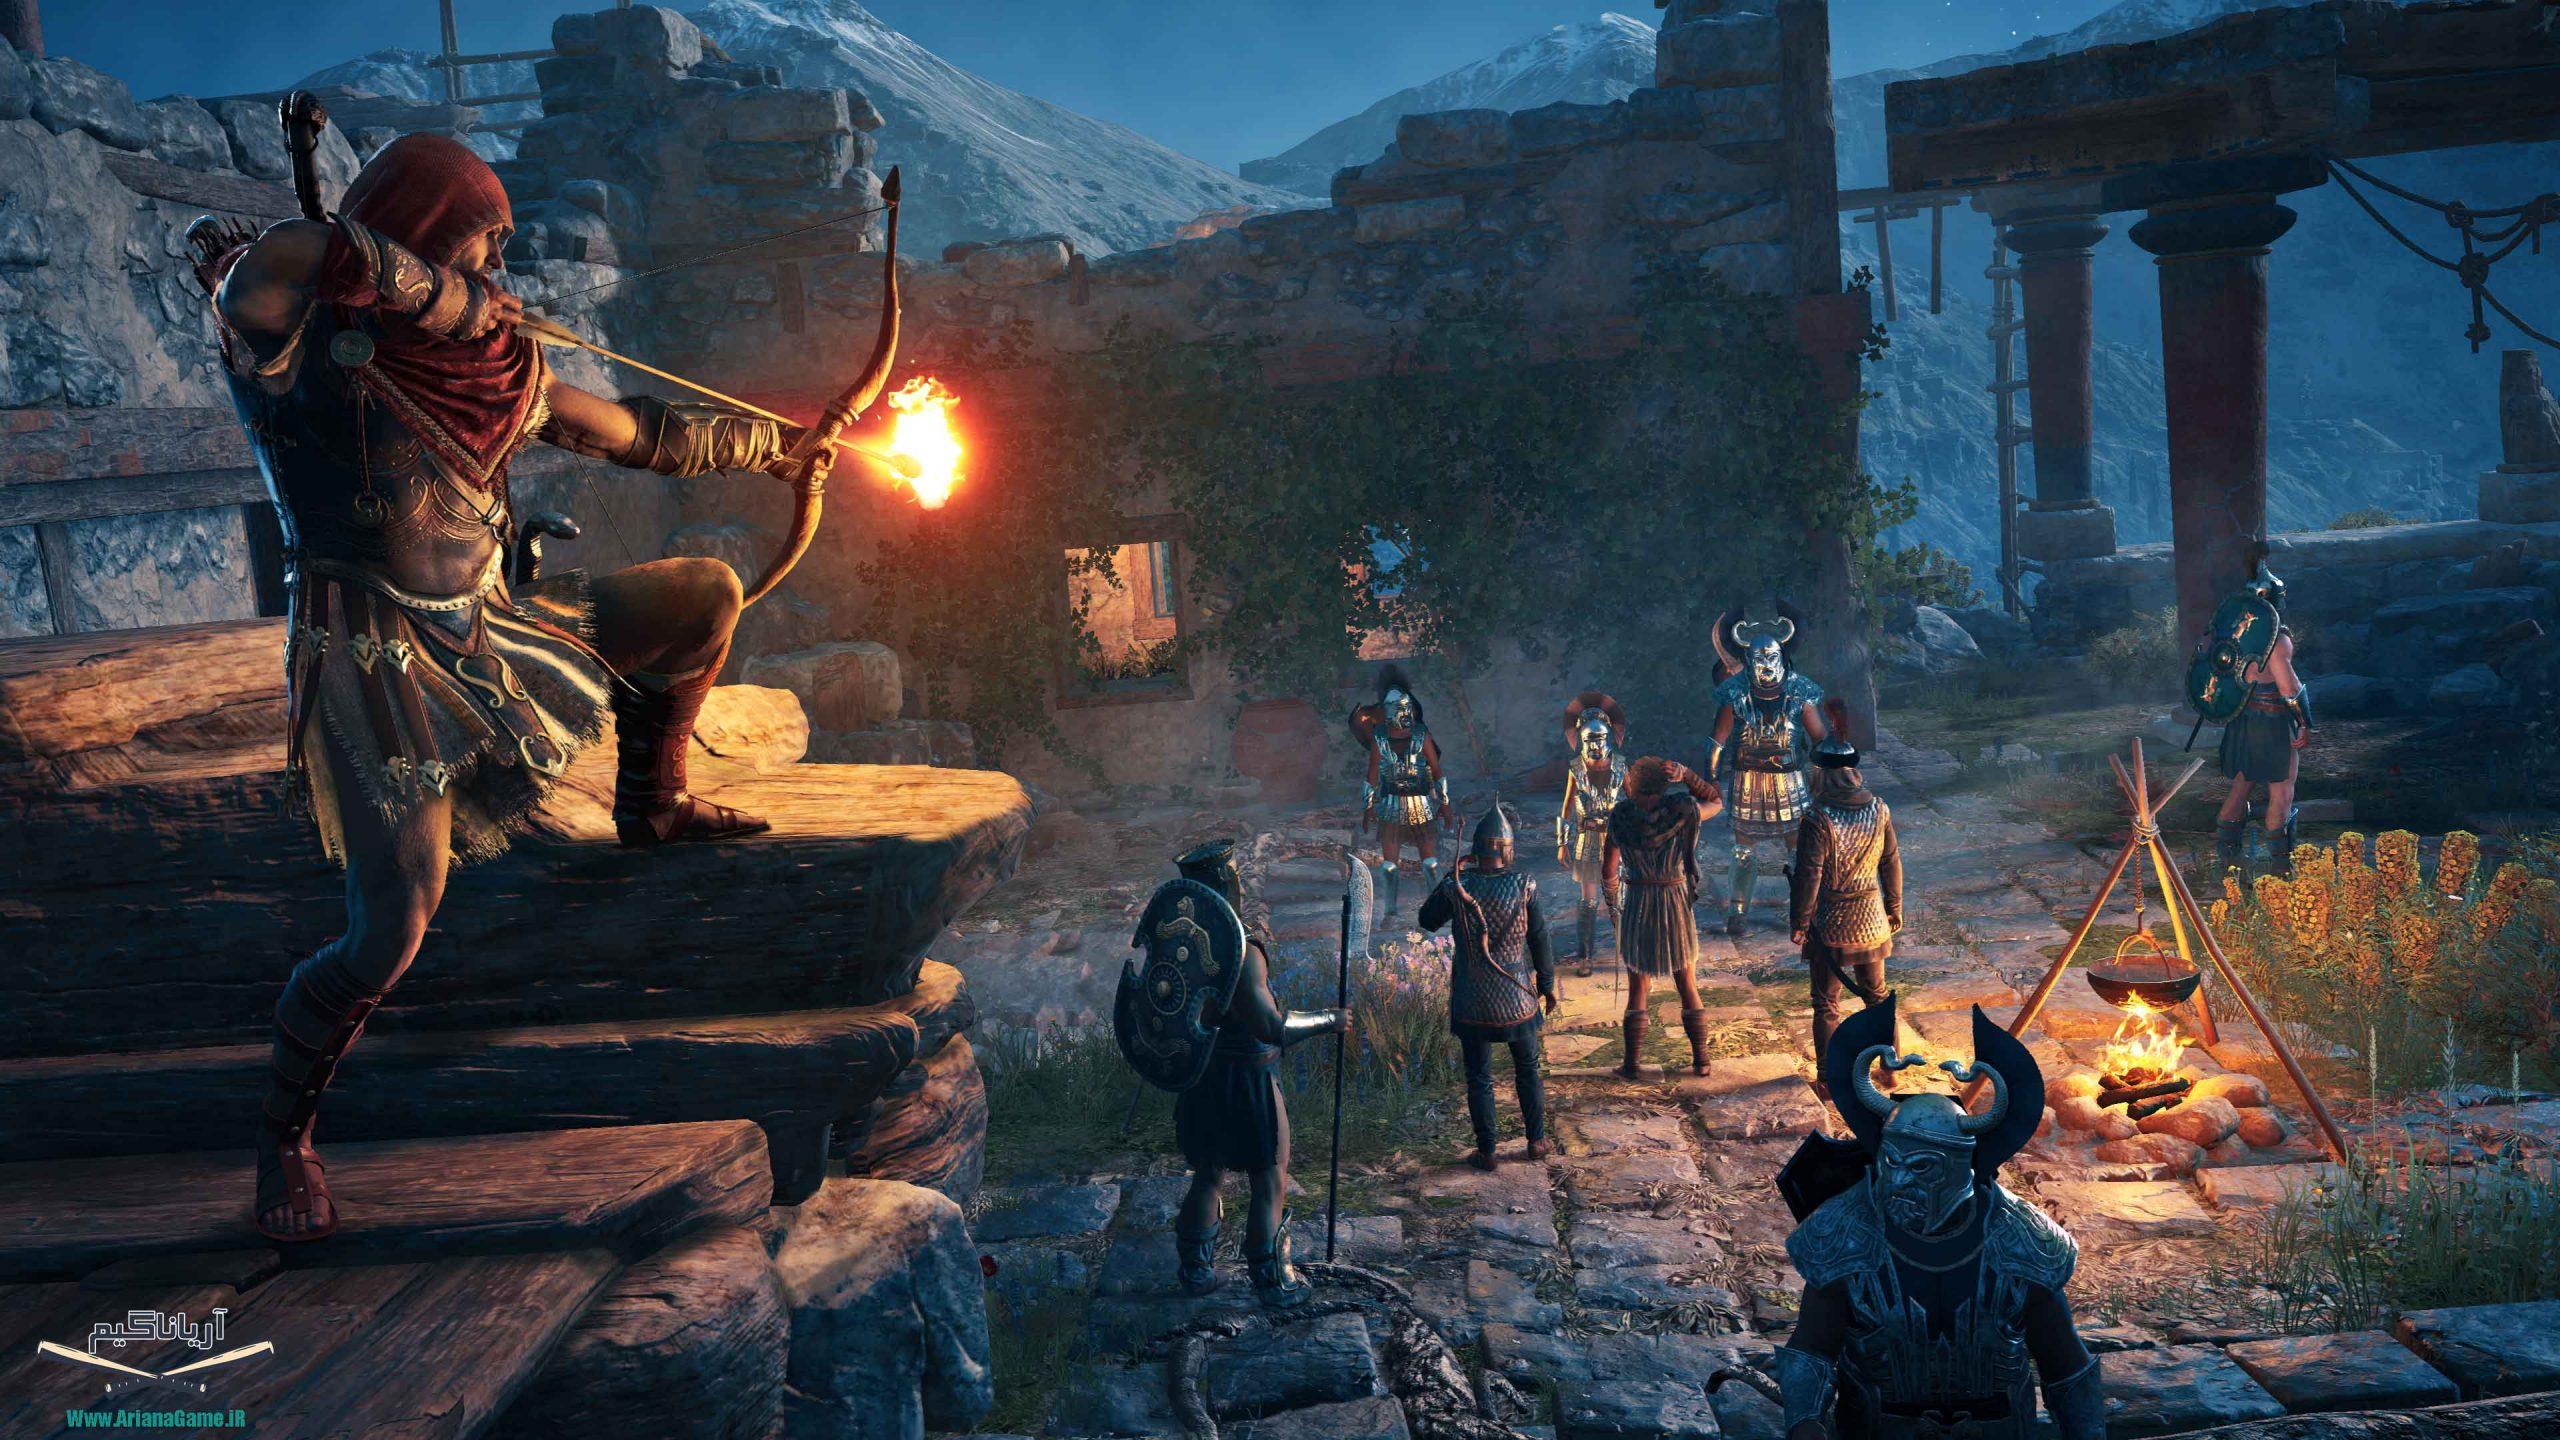 خرید بازی Assassins Creed Odyssey The Fate of Atlantis (کشیش آدم کش : ادیسه) برای PC